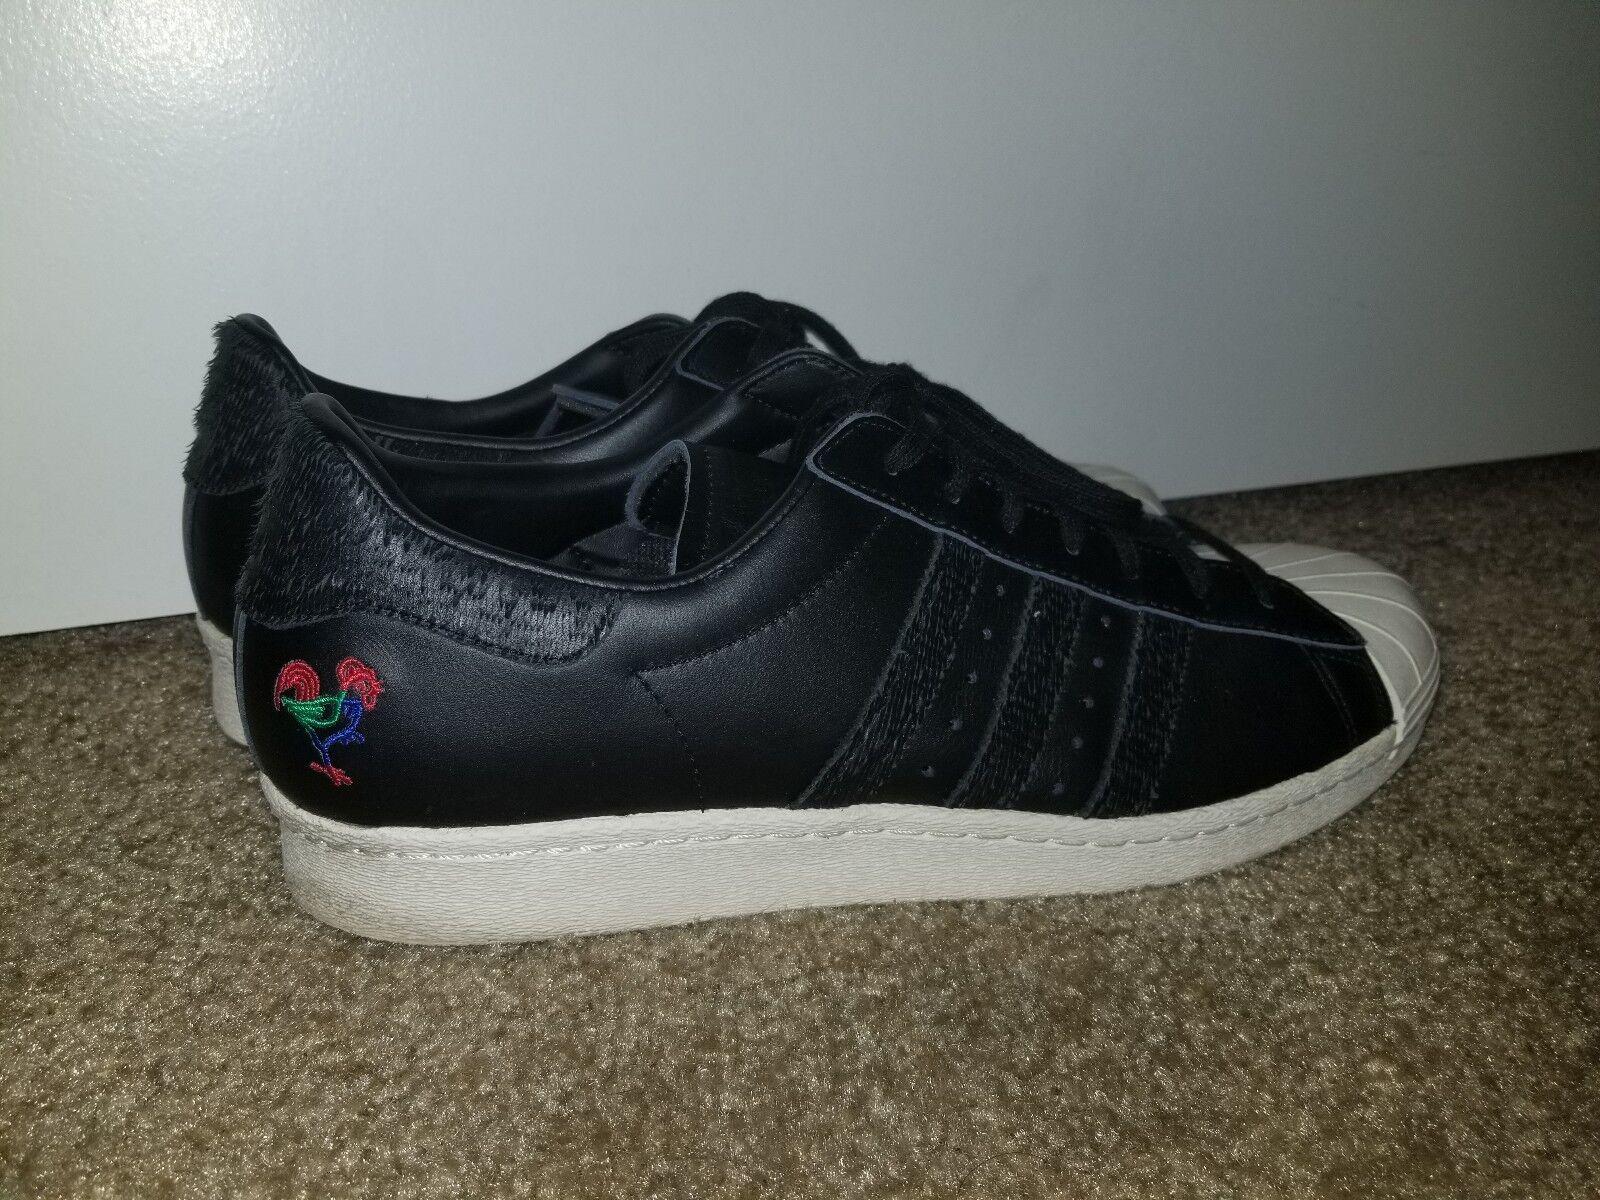 Adidas '80 Uomo superstar degli anni '80 Adidas il capodanno cinese edizione - ba7778 deb003